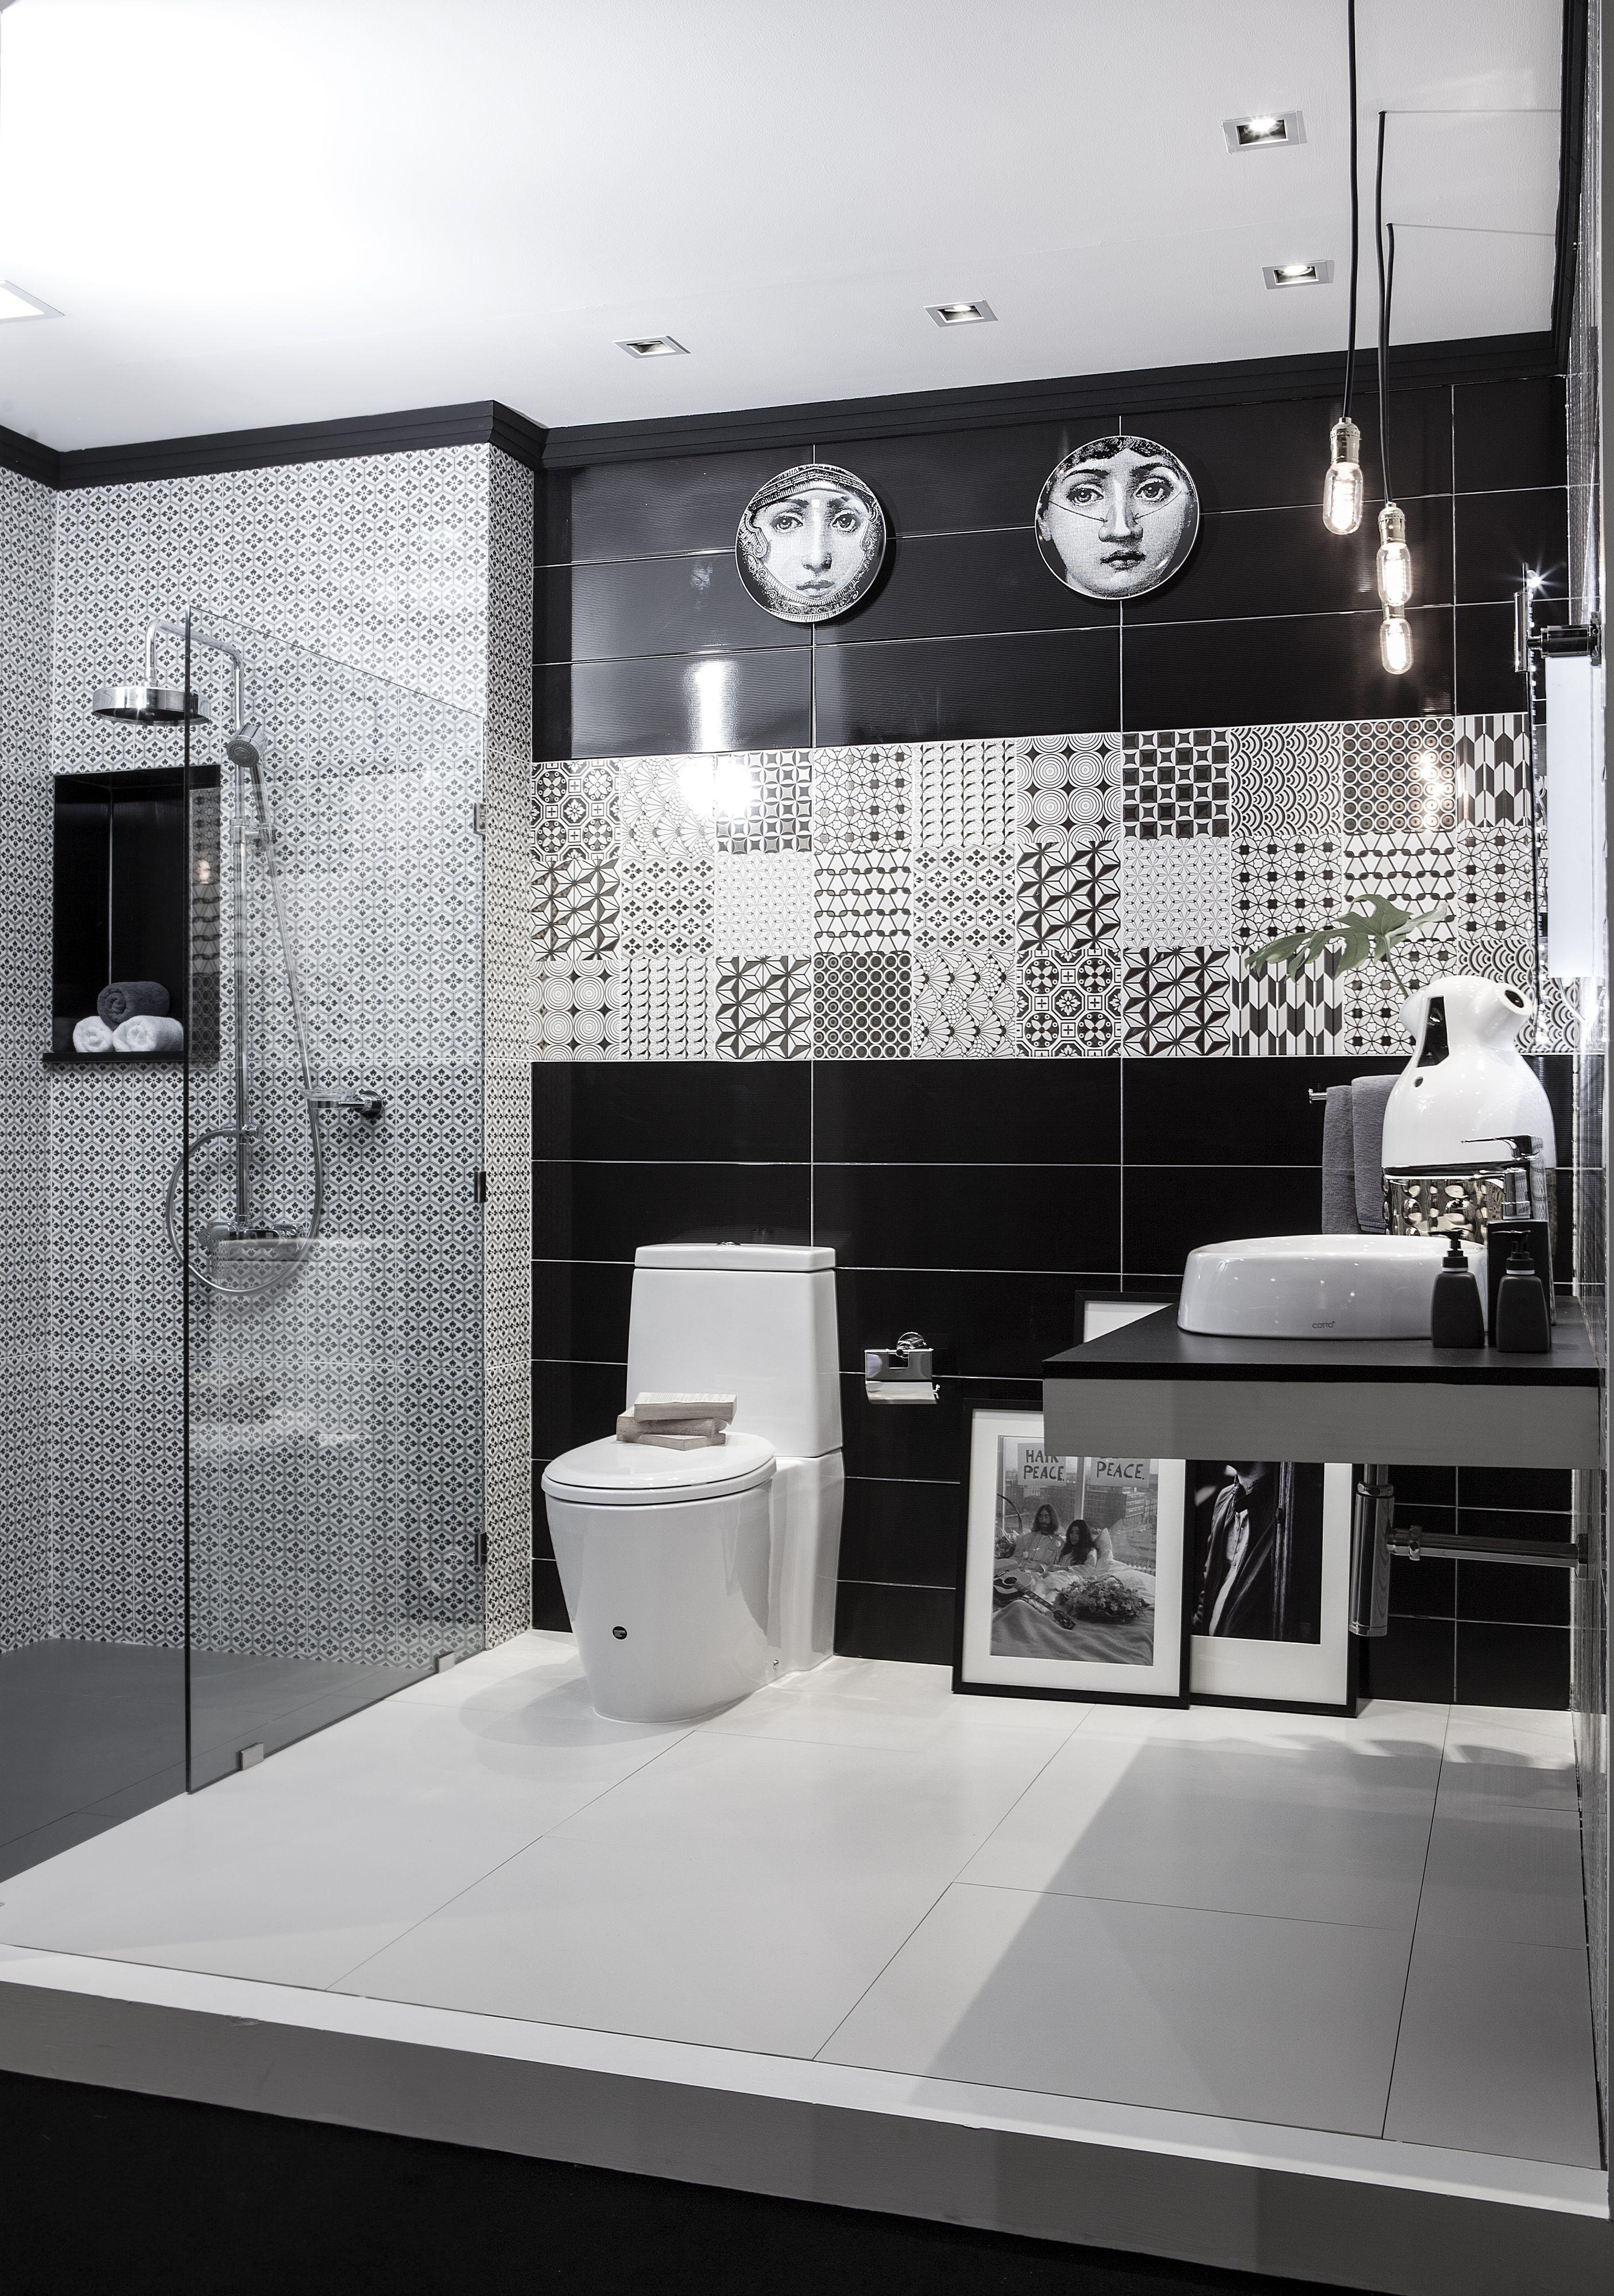 Cotto Beautifulbathroom Bathroom Bathroom Beautiful Bathrooms Bathroom Mirror